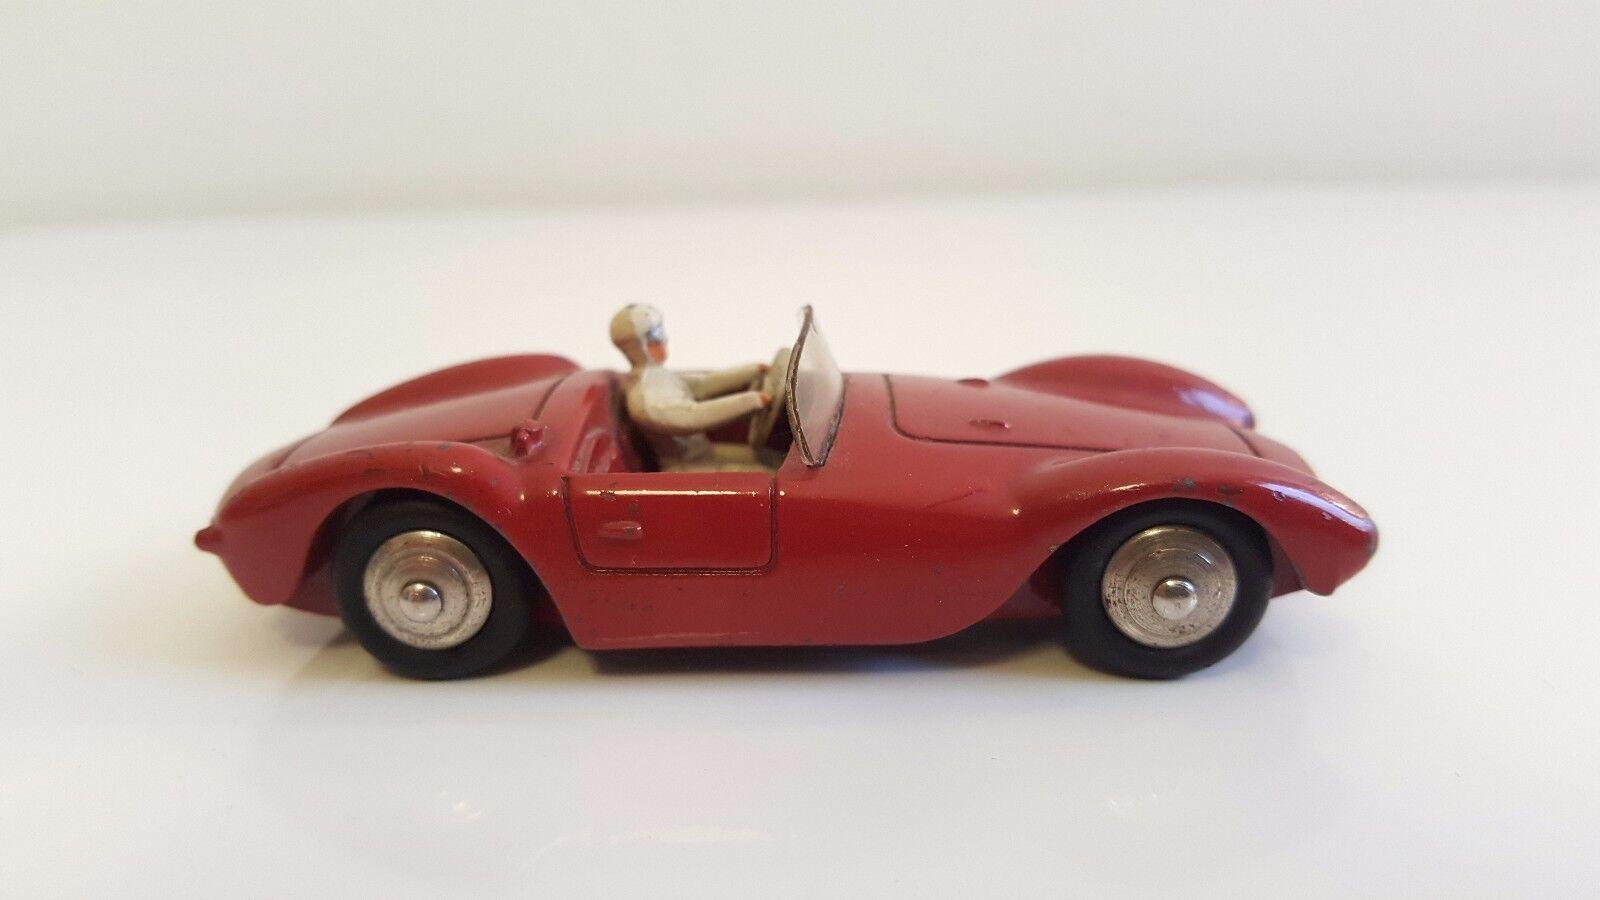 La nuit du carnaval de Noël est plus excitante Dinky Toys - 22 A - Maserati Sport 2000 NMINT | Vente Chaude  | Des Matériaux Supérieurs  | De Faire Le Meilleur Emploi De Matériaux Et Spécial Offre  | Durable Service